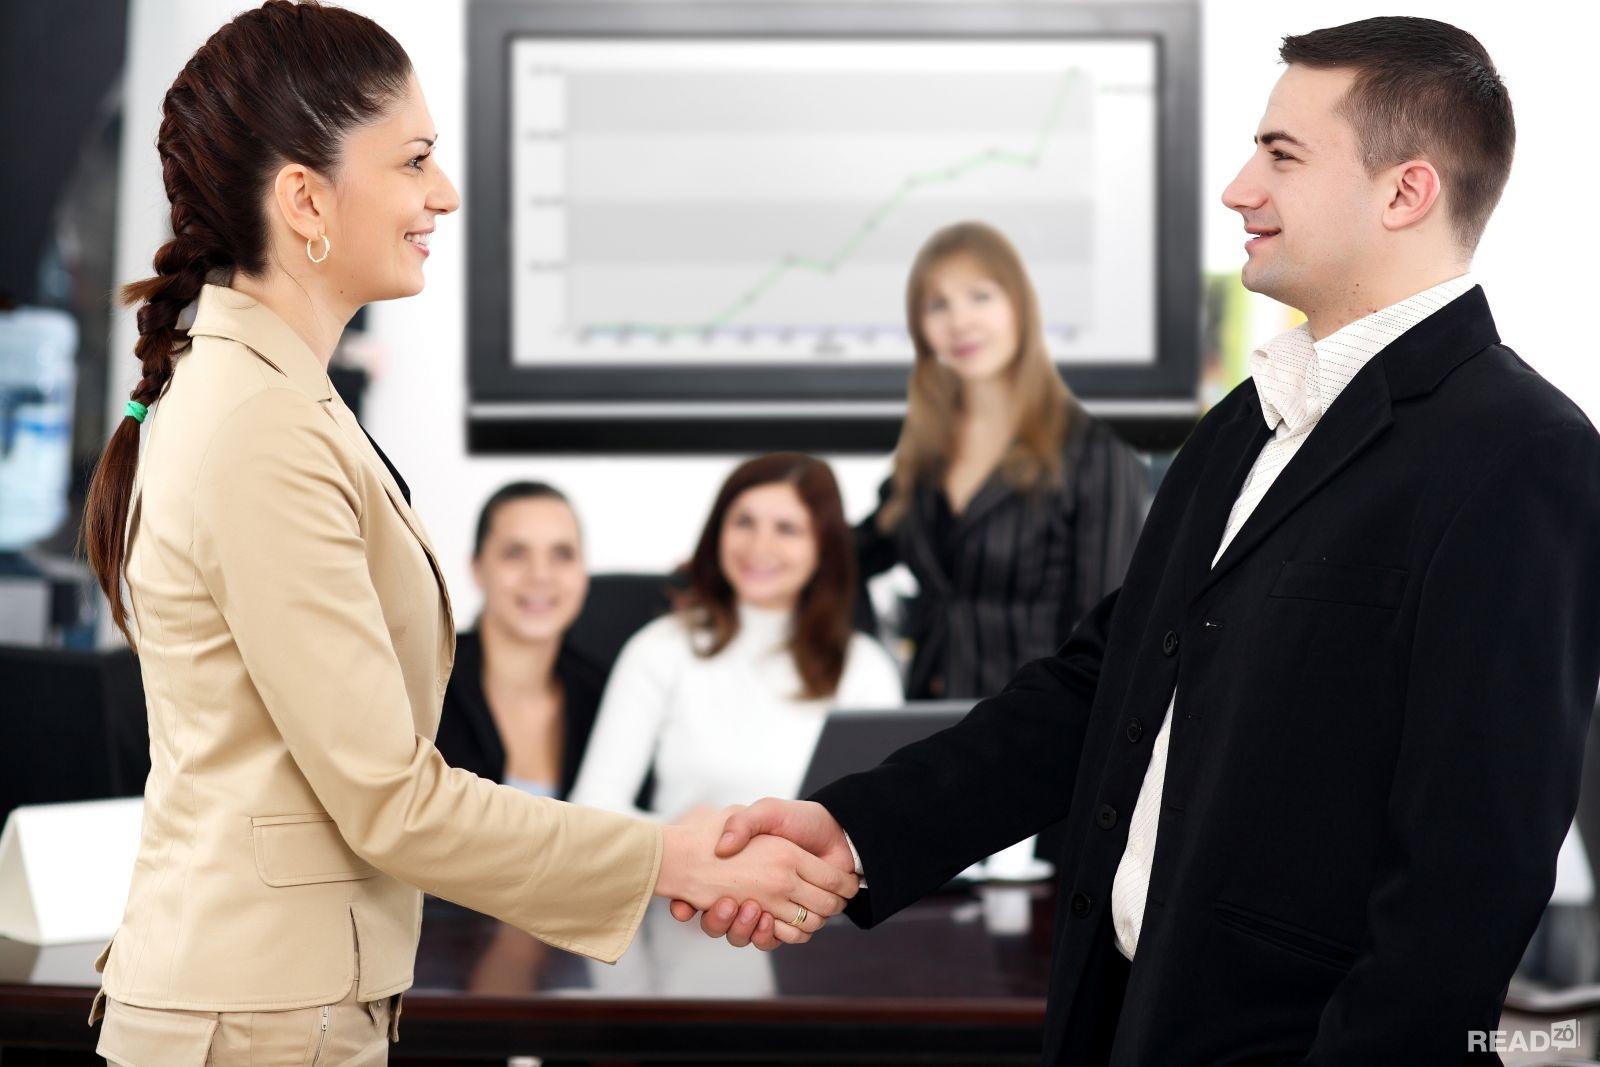 Kỹ năng giao tiếp tạo ấn tượng với khách hàng ngay từ lần đầu tiên